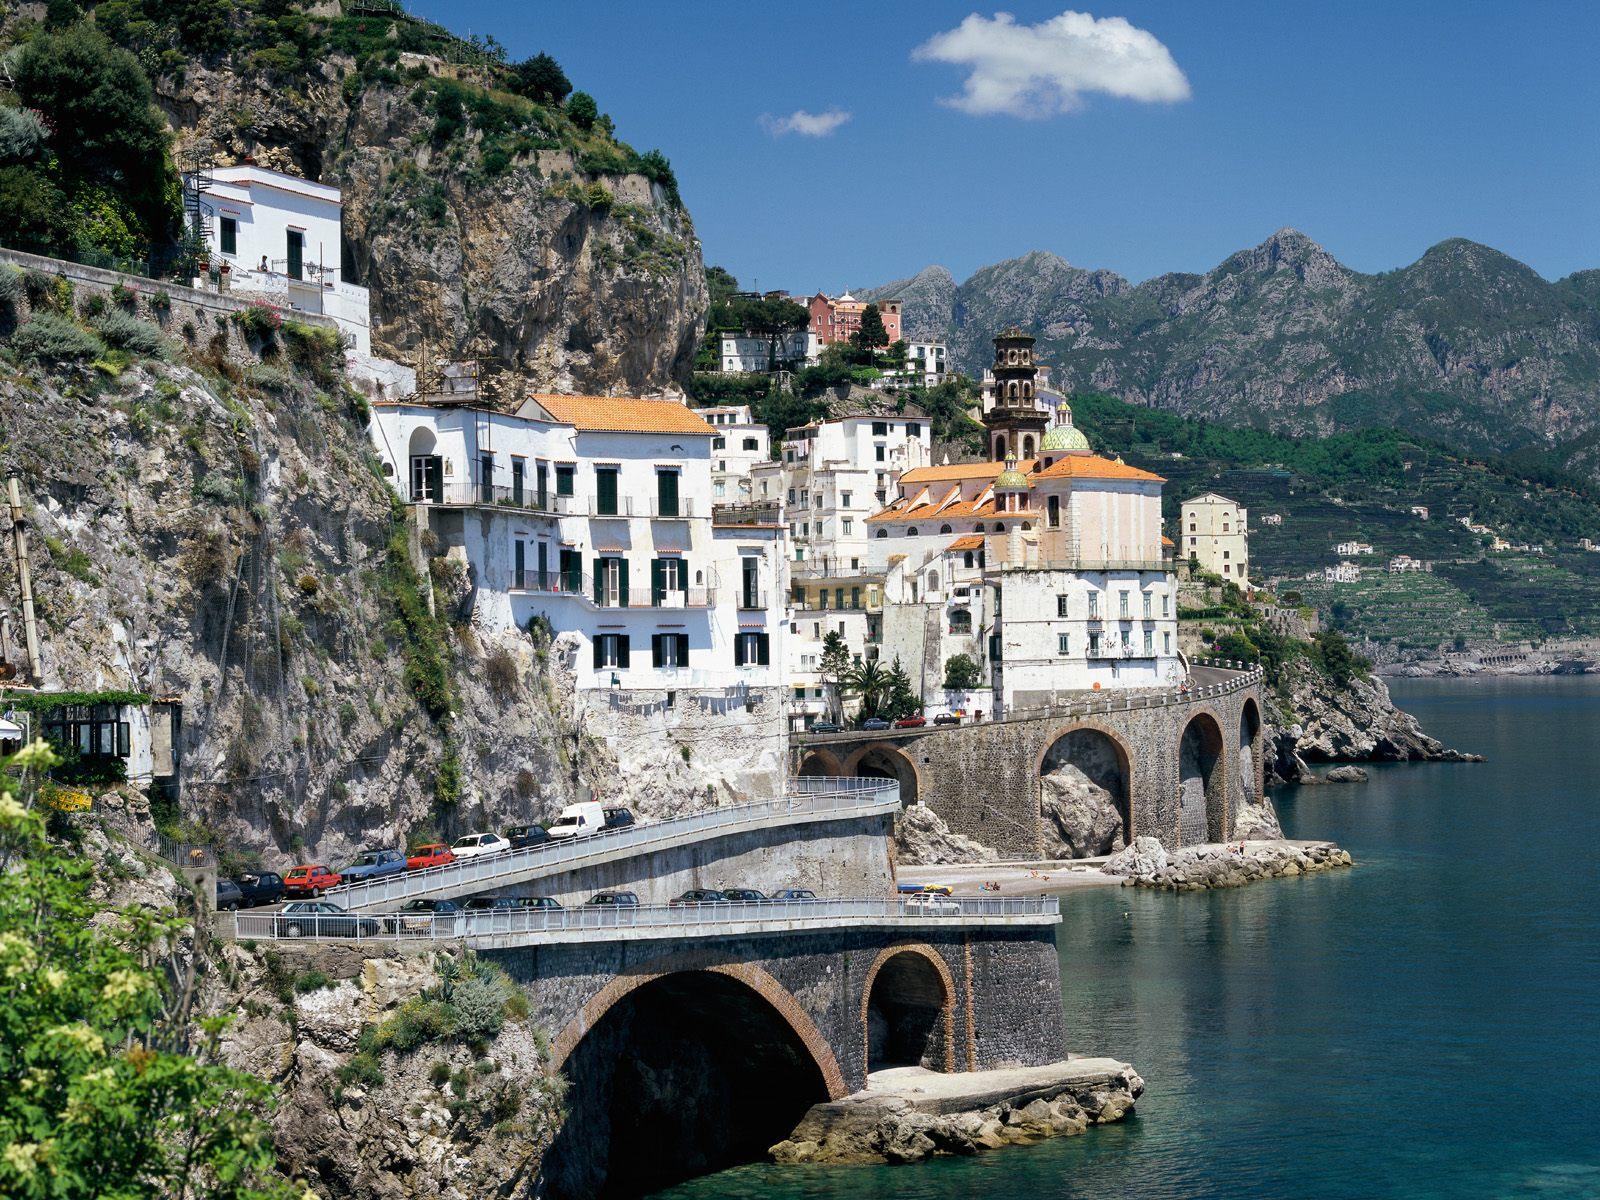 http://3.bp.blogspot.com/_708_wIdtSh0/S_5TwGPSZgI/AAAAAAAAAyw/QrwFraLibYE/s1600/Atrani,+Amalfi+Coast,+Italy.jpg